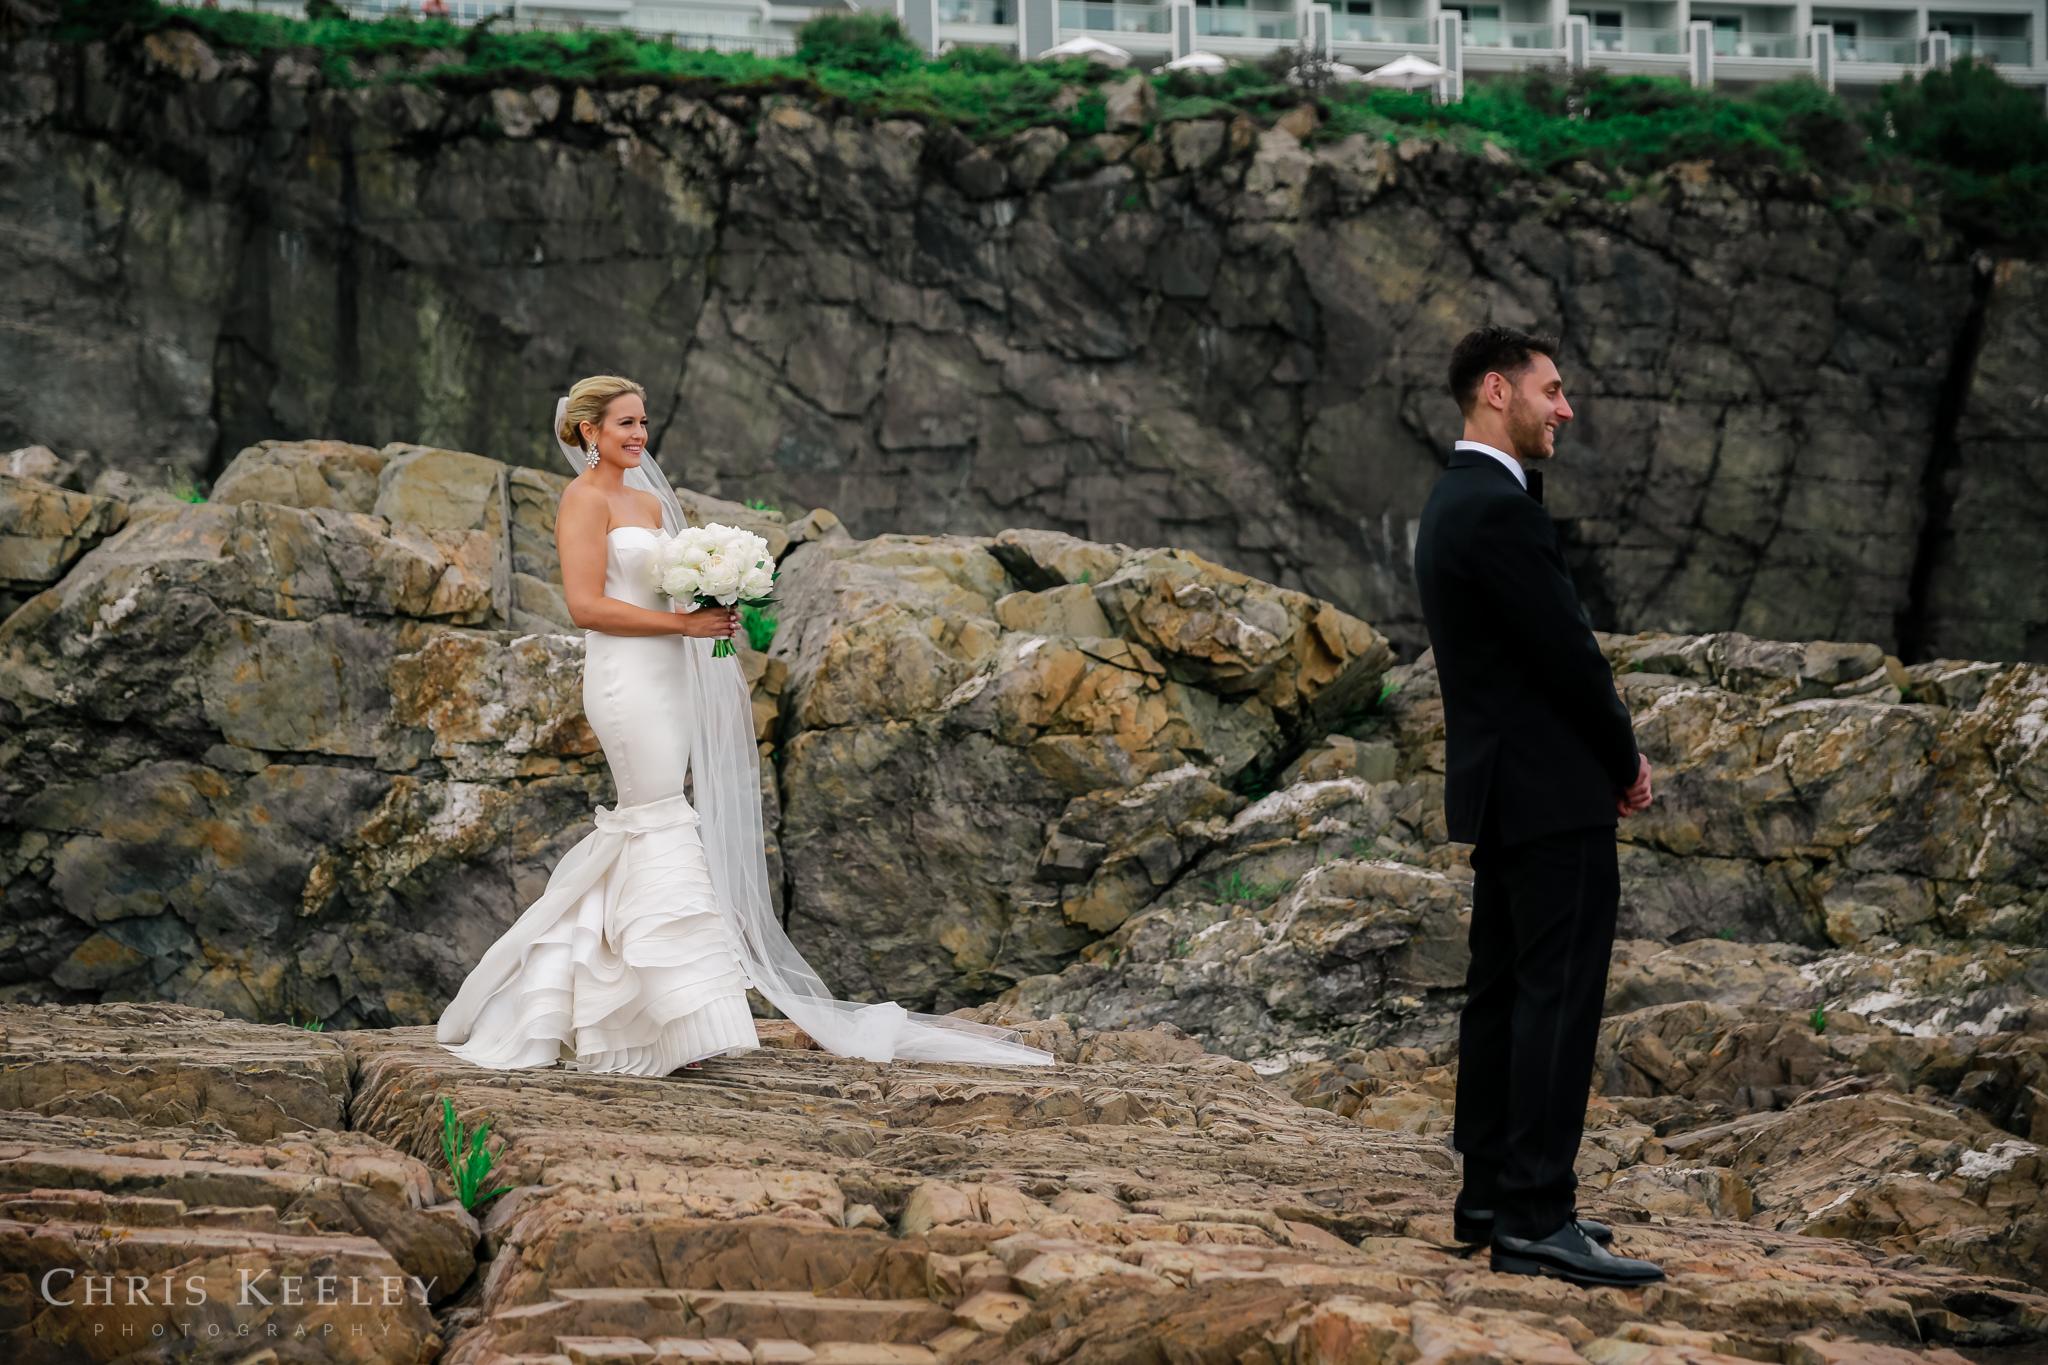 cliff-house-maine-wedding-photographer-chris-keeley-29.jpg